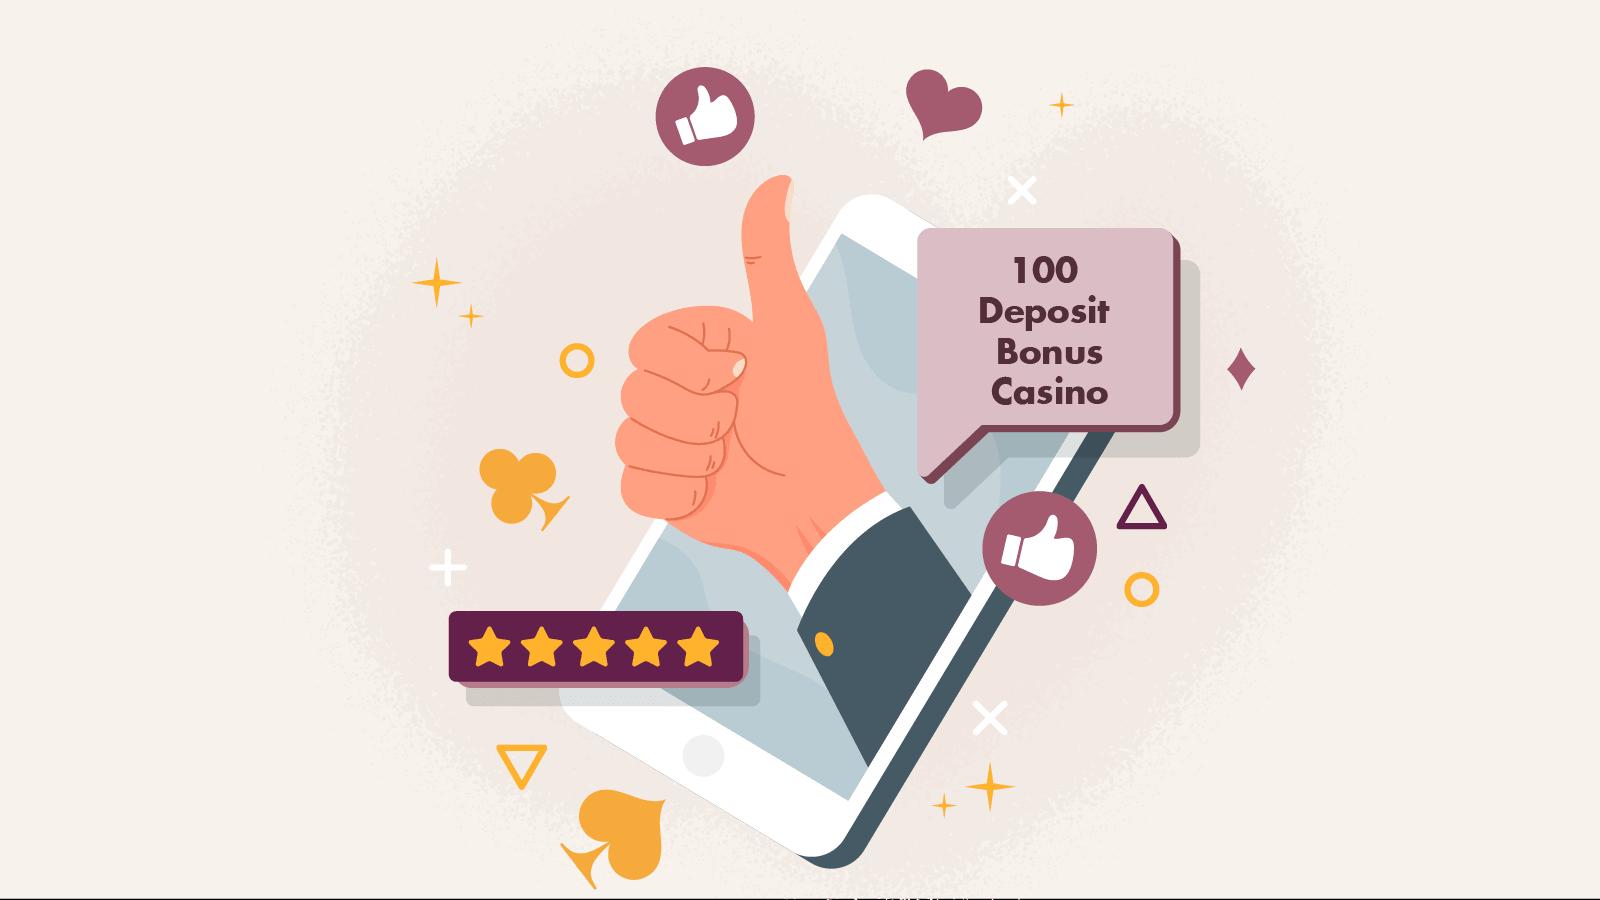 Our top 100 deposit bonus casino